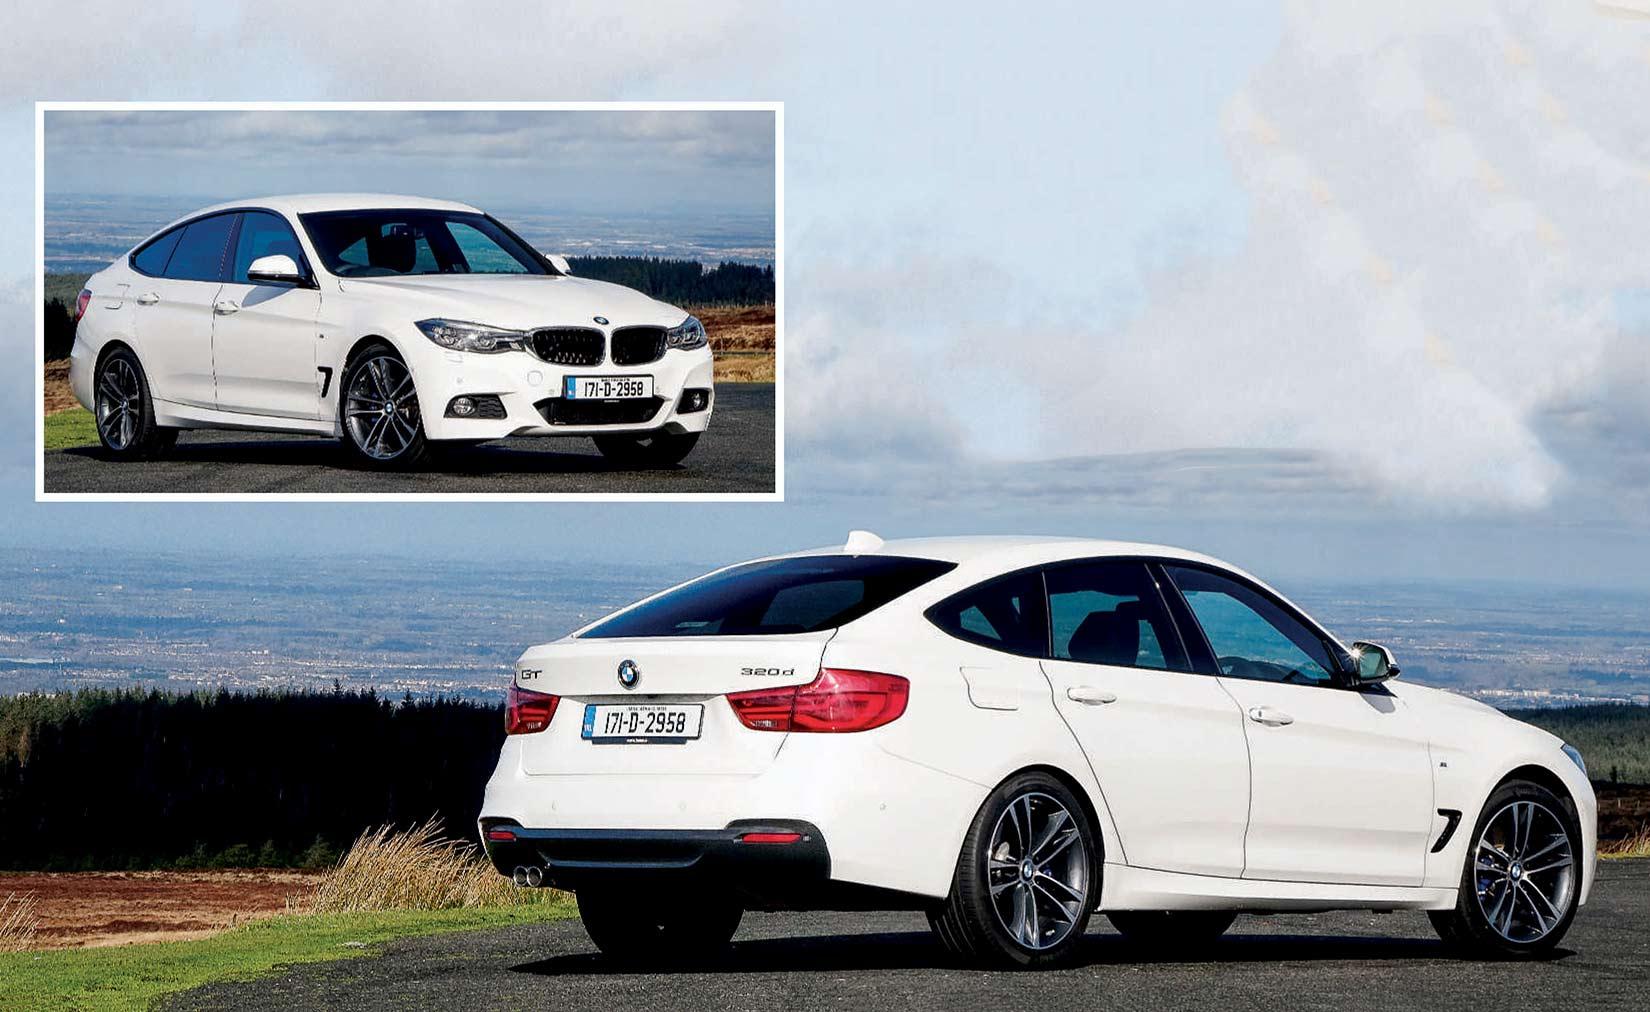 BMW D GT M Sport F DriveMy Blogs Drive - Bmw 325i gt